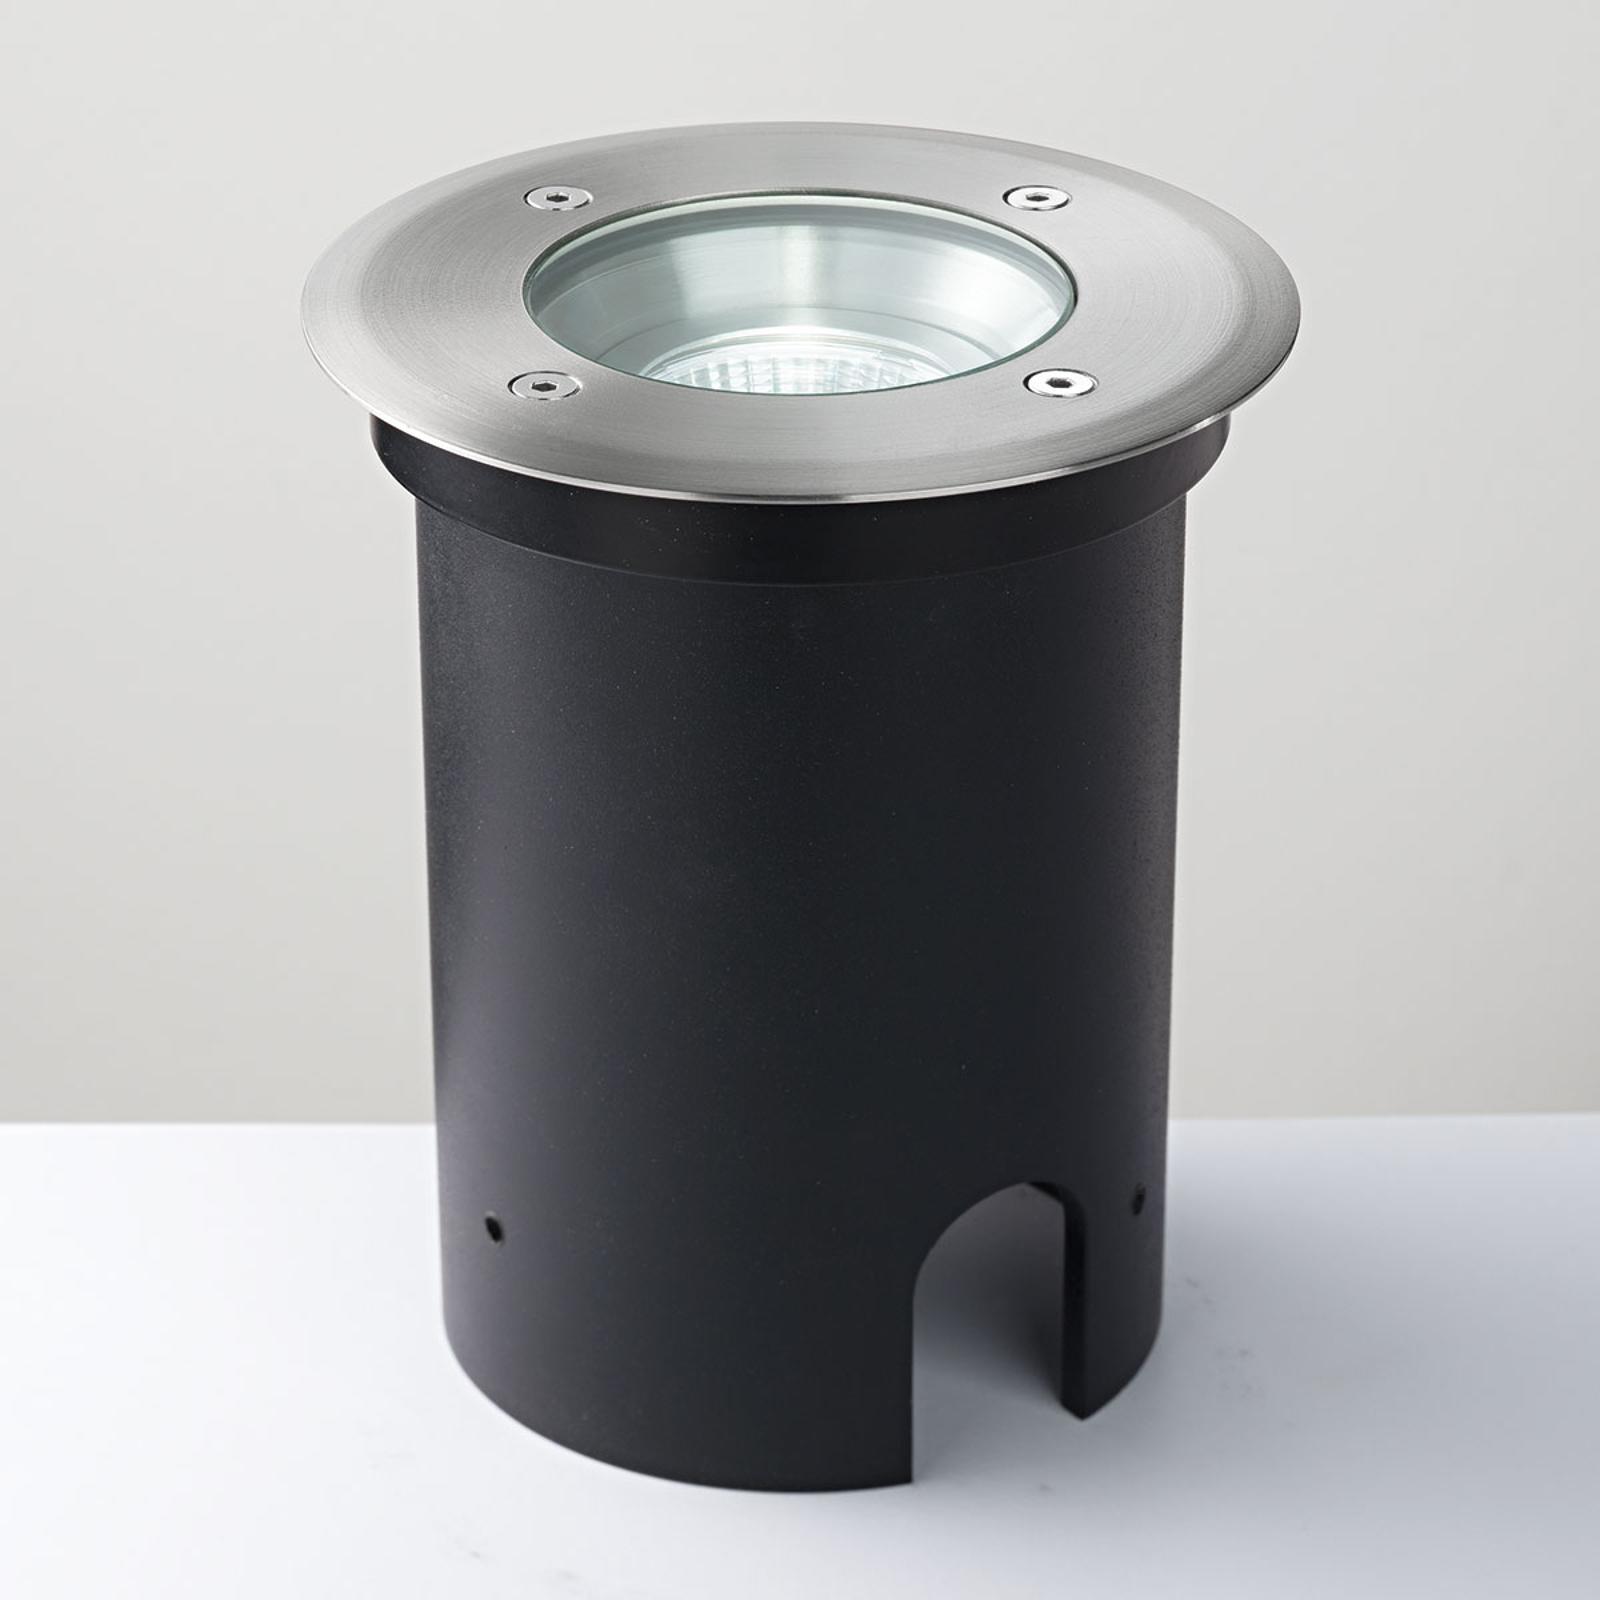 LED podlahové zapuštěné světlo Scotty 3, IP67